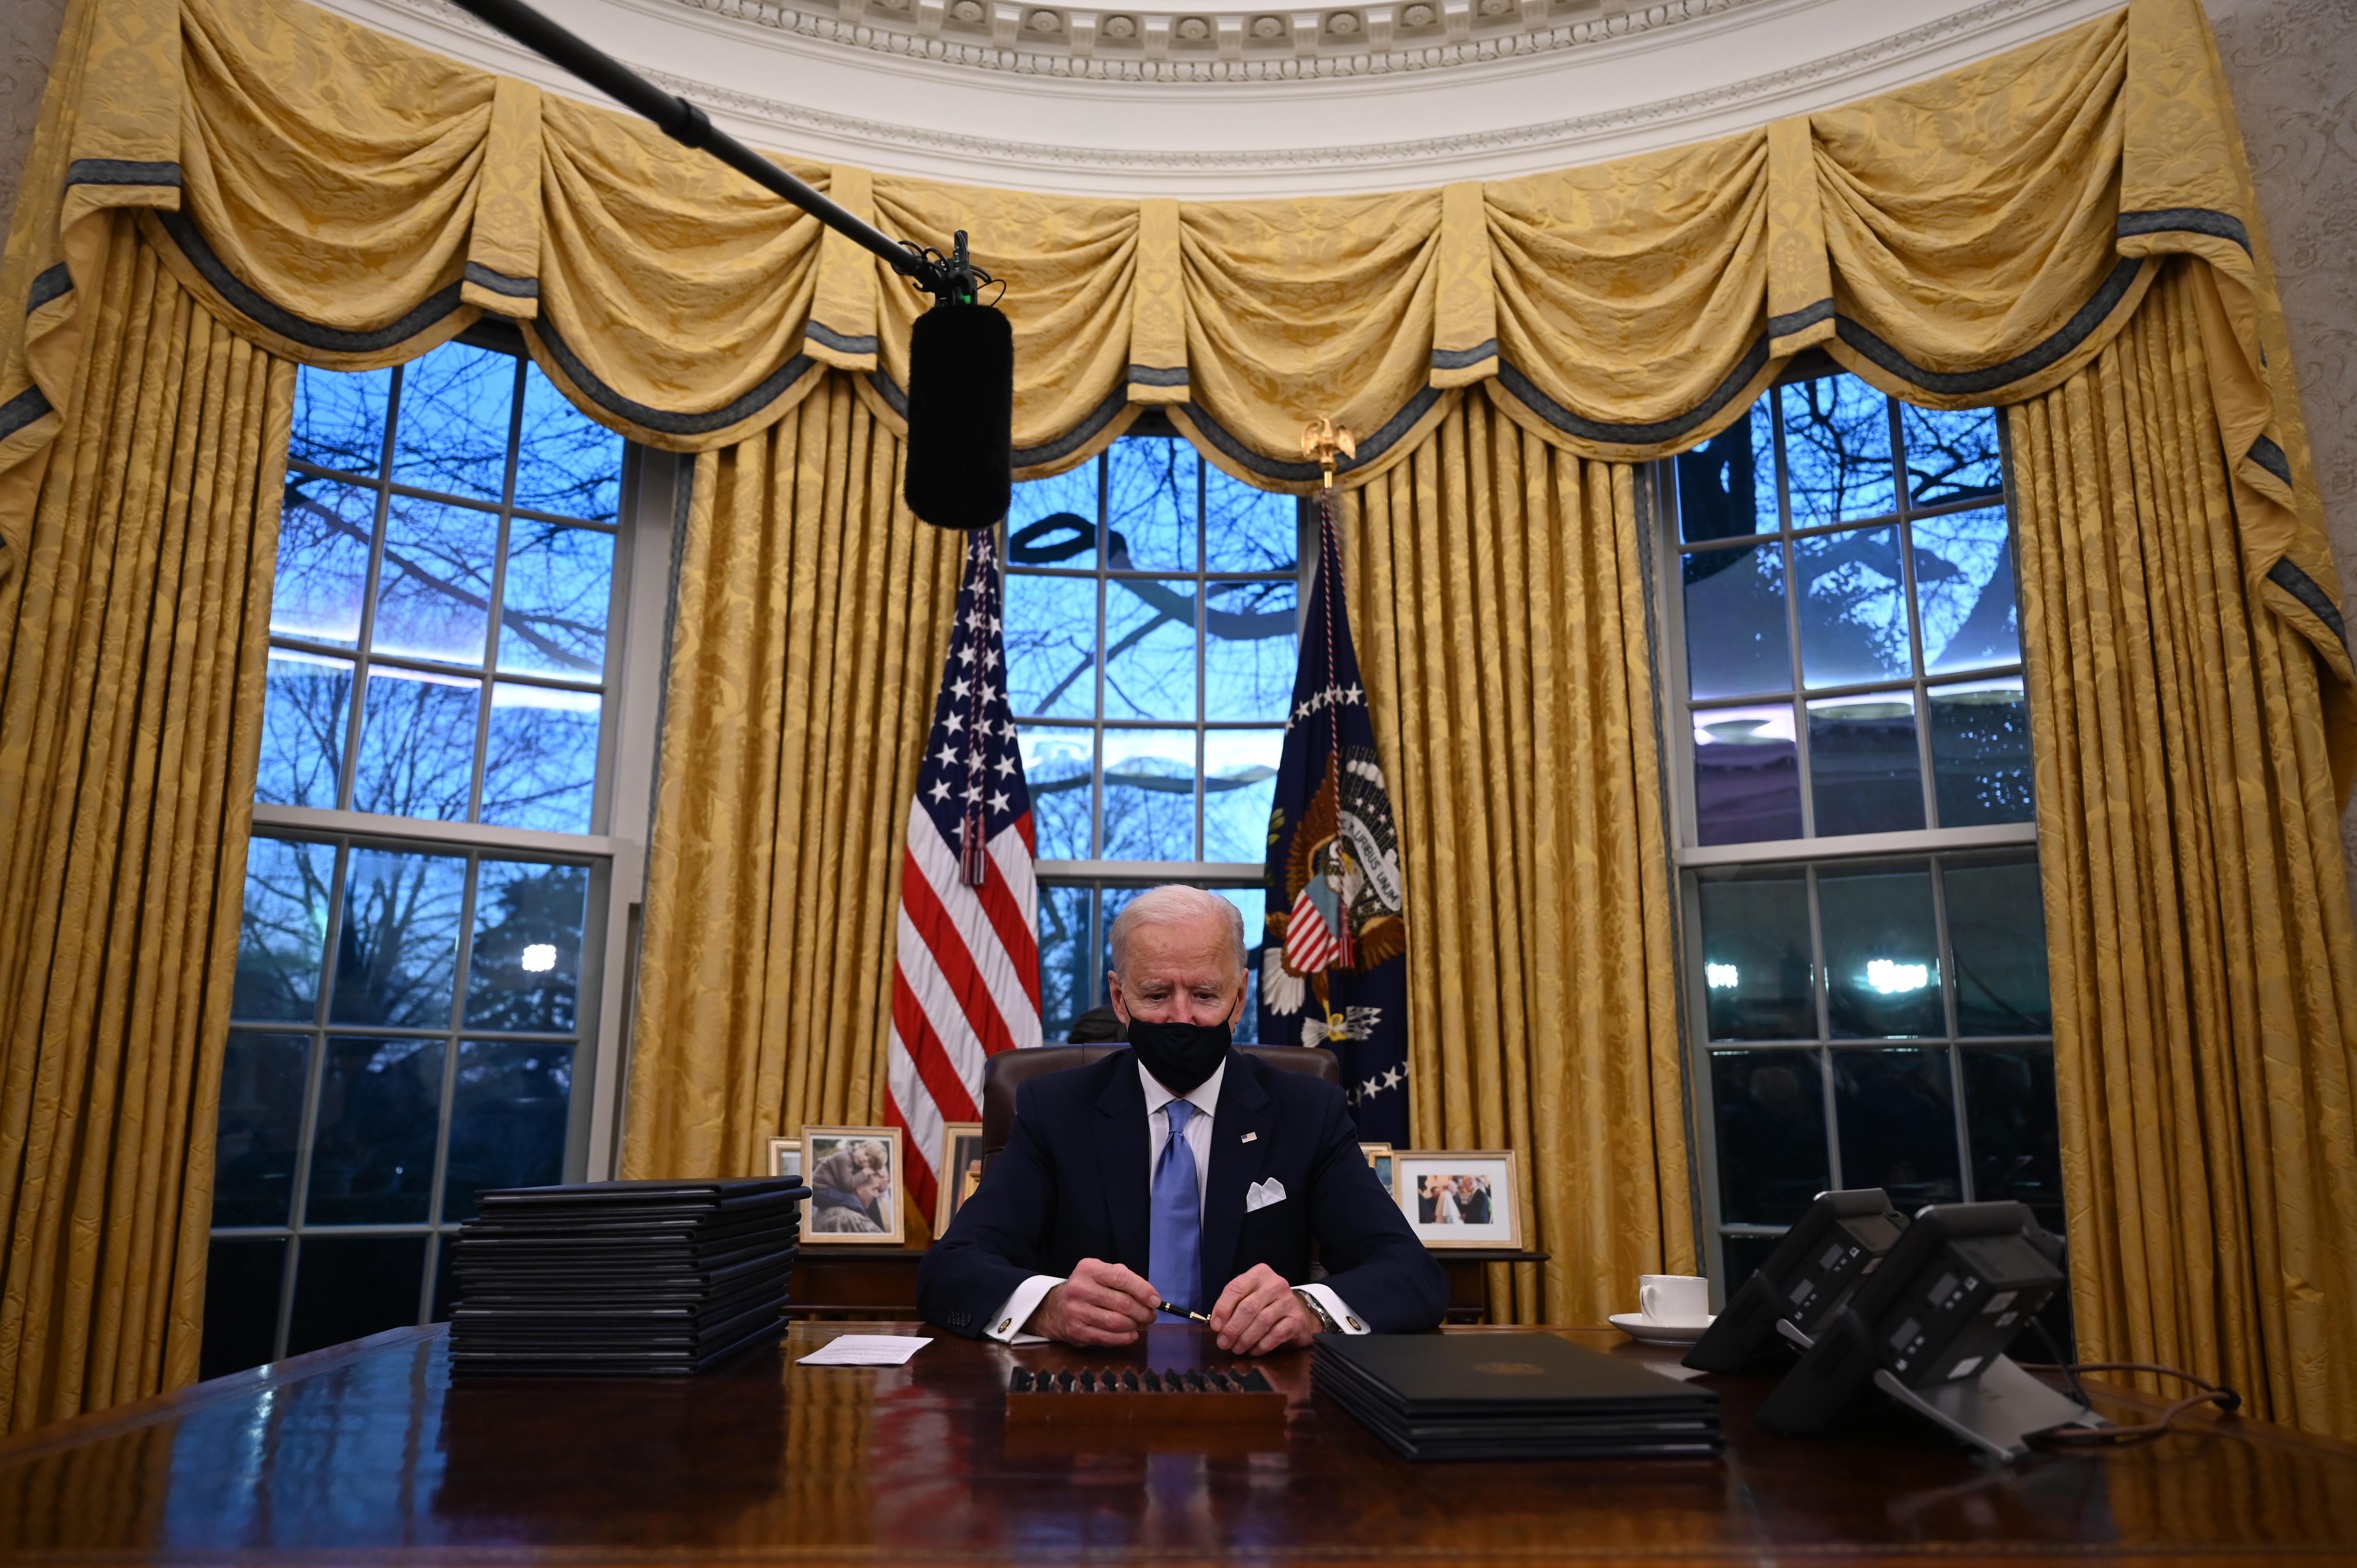 Biden visszavonta Trump döntését, ami nagyrészt tiltotta a transzneműeknek, hogy a hadseregben szolgáljanak